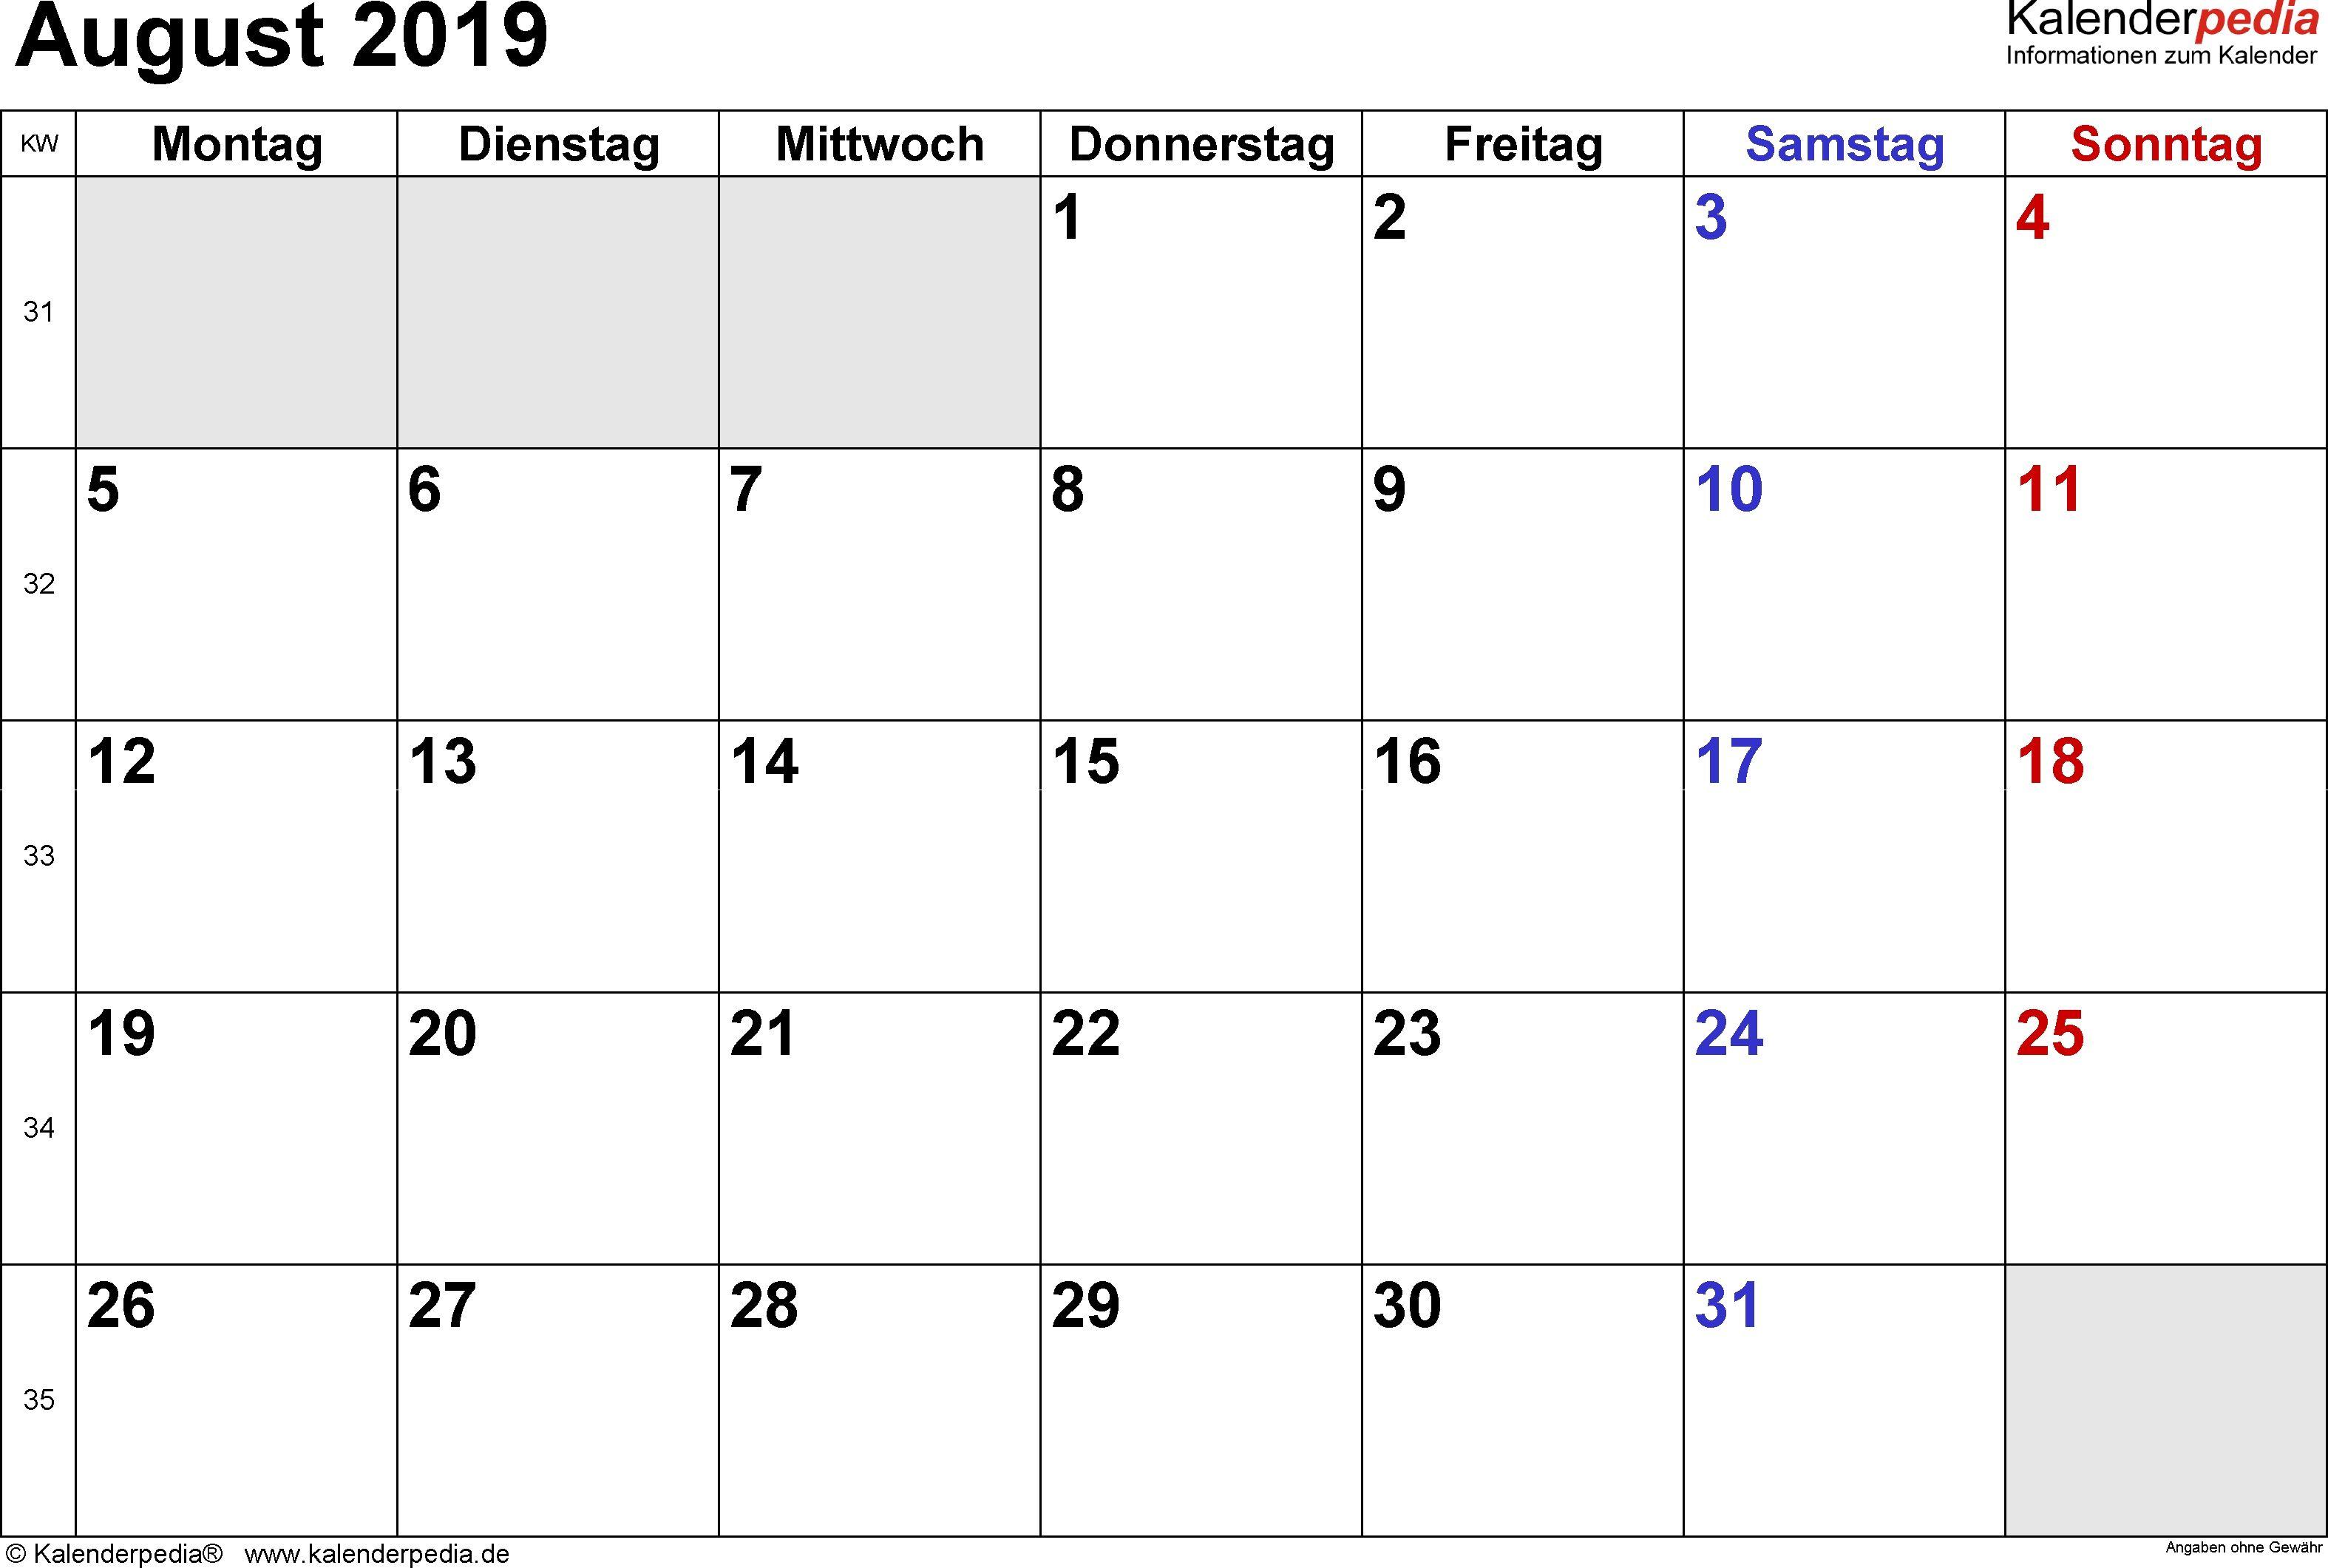 Kalender August 2019 Als Pdf Vorlagen Free Calendar 2019 Printable Monthly Calendar Printable Calendar Printables